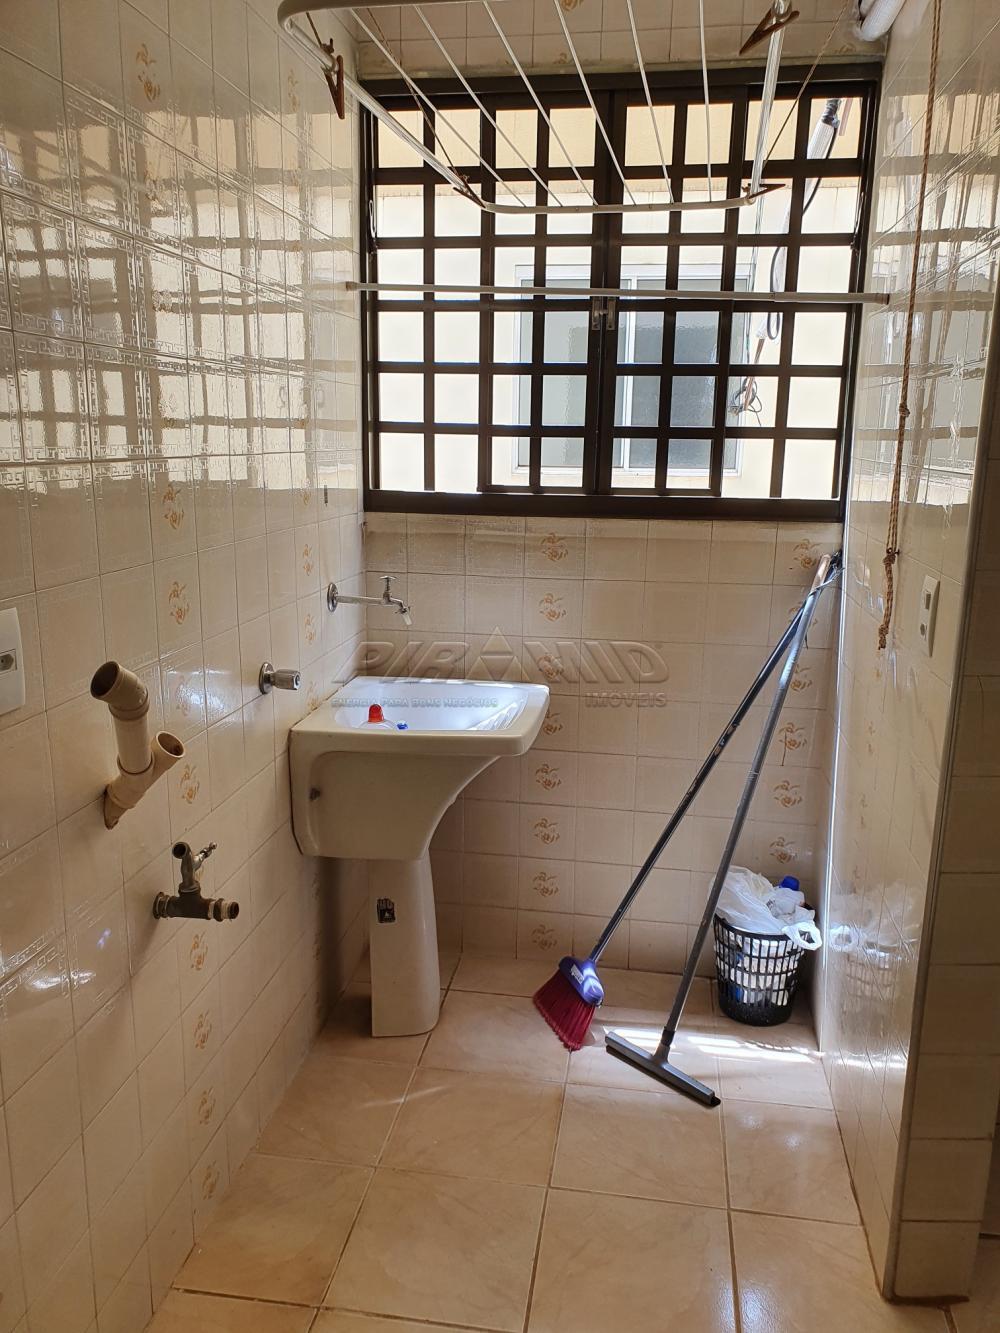 Comprar Apartamento / Padrão em Ribeirão Preto apenas R$ 260.000,00 - Foto 7